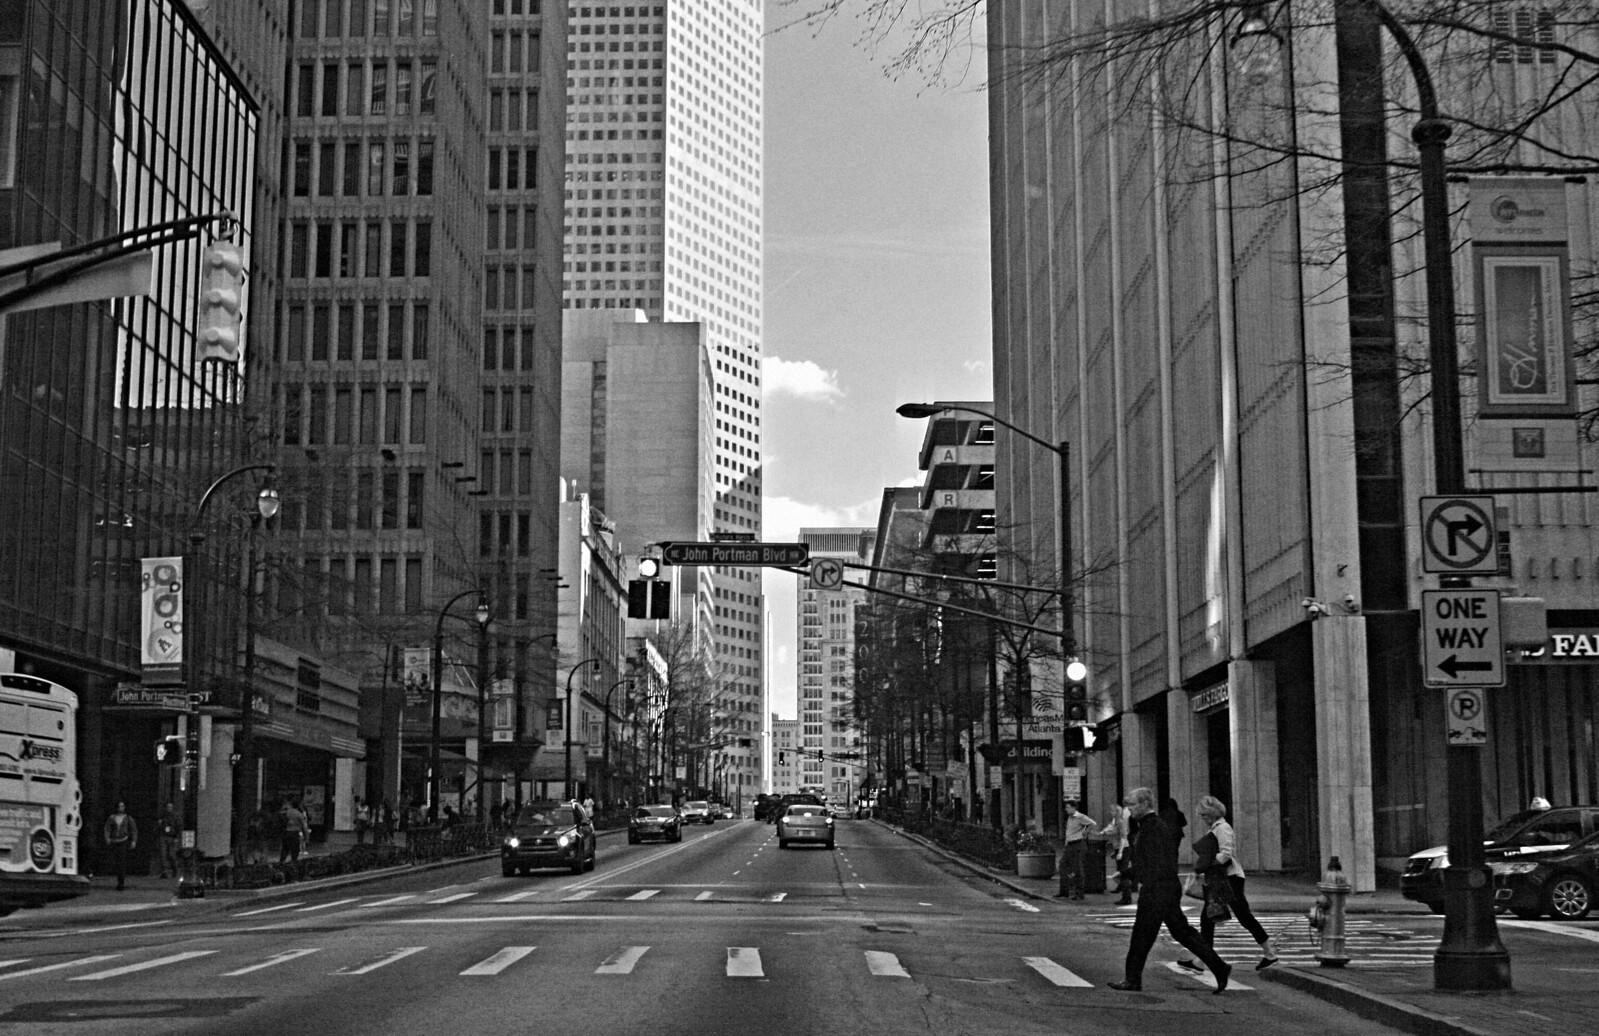 John Portman Blvd, Atlanta, 2015